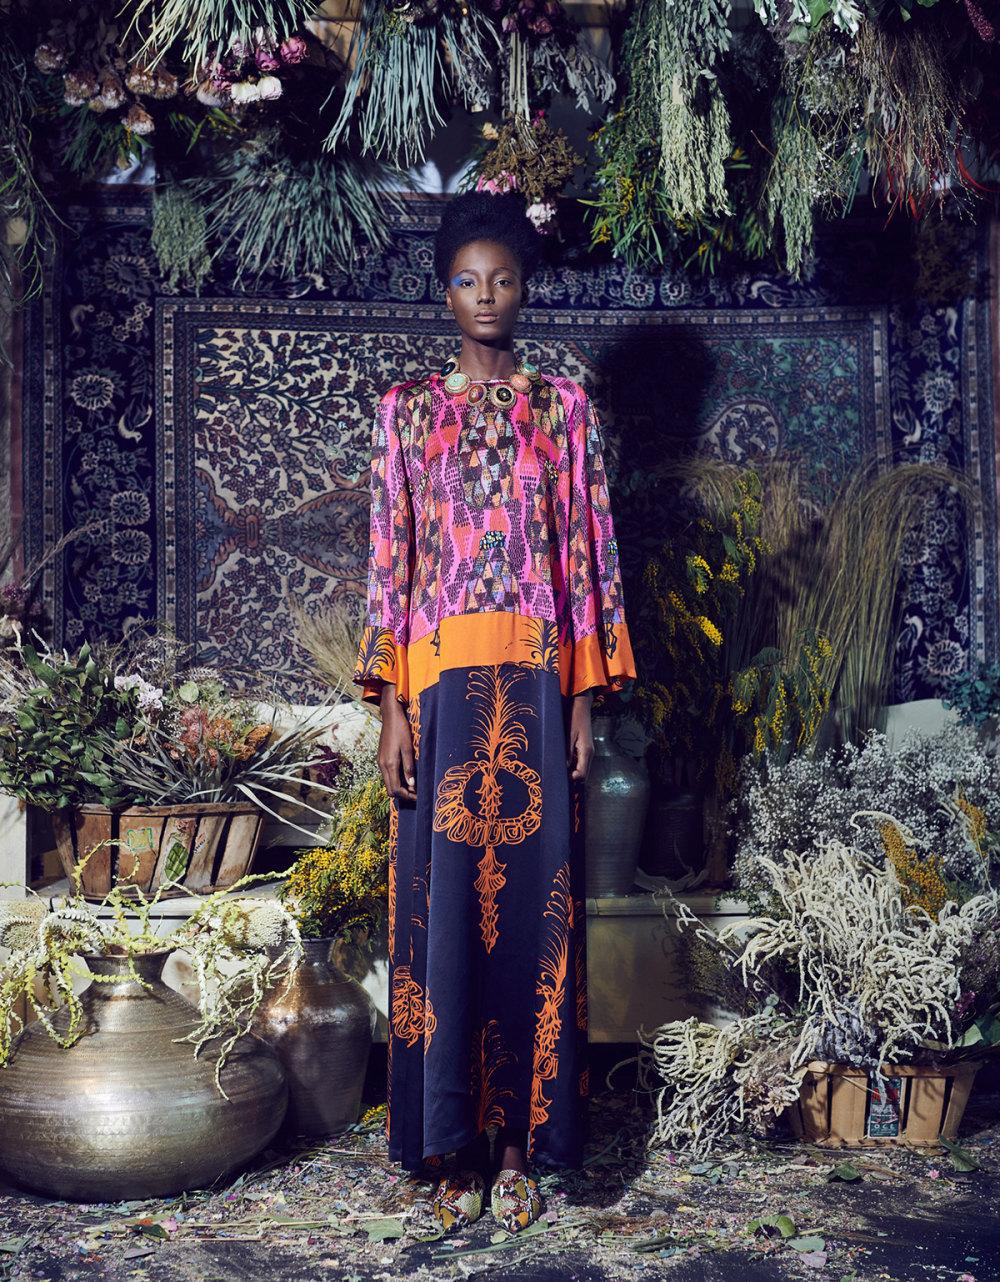 Rianna+Nina时装系列定制的夹克和金属光泽的七分裤定义未来主义-16.jpg